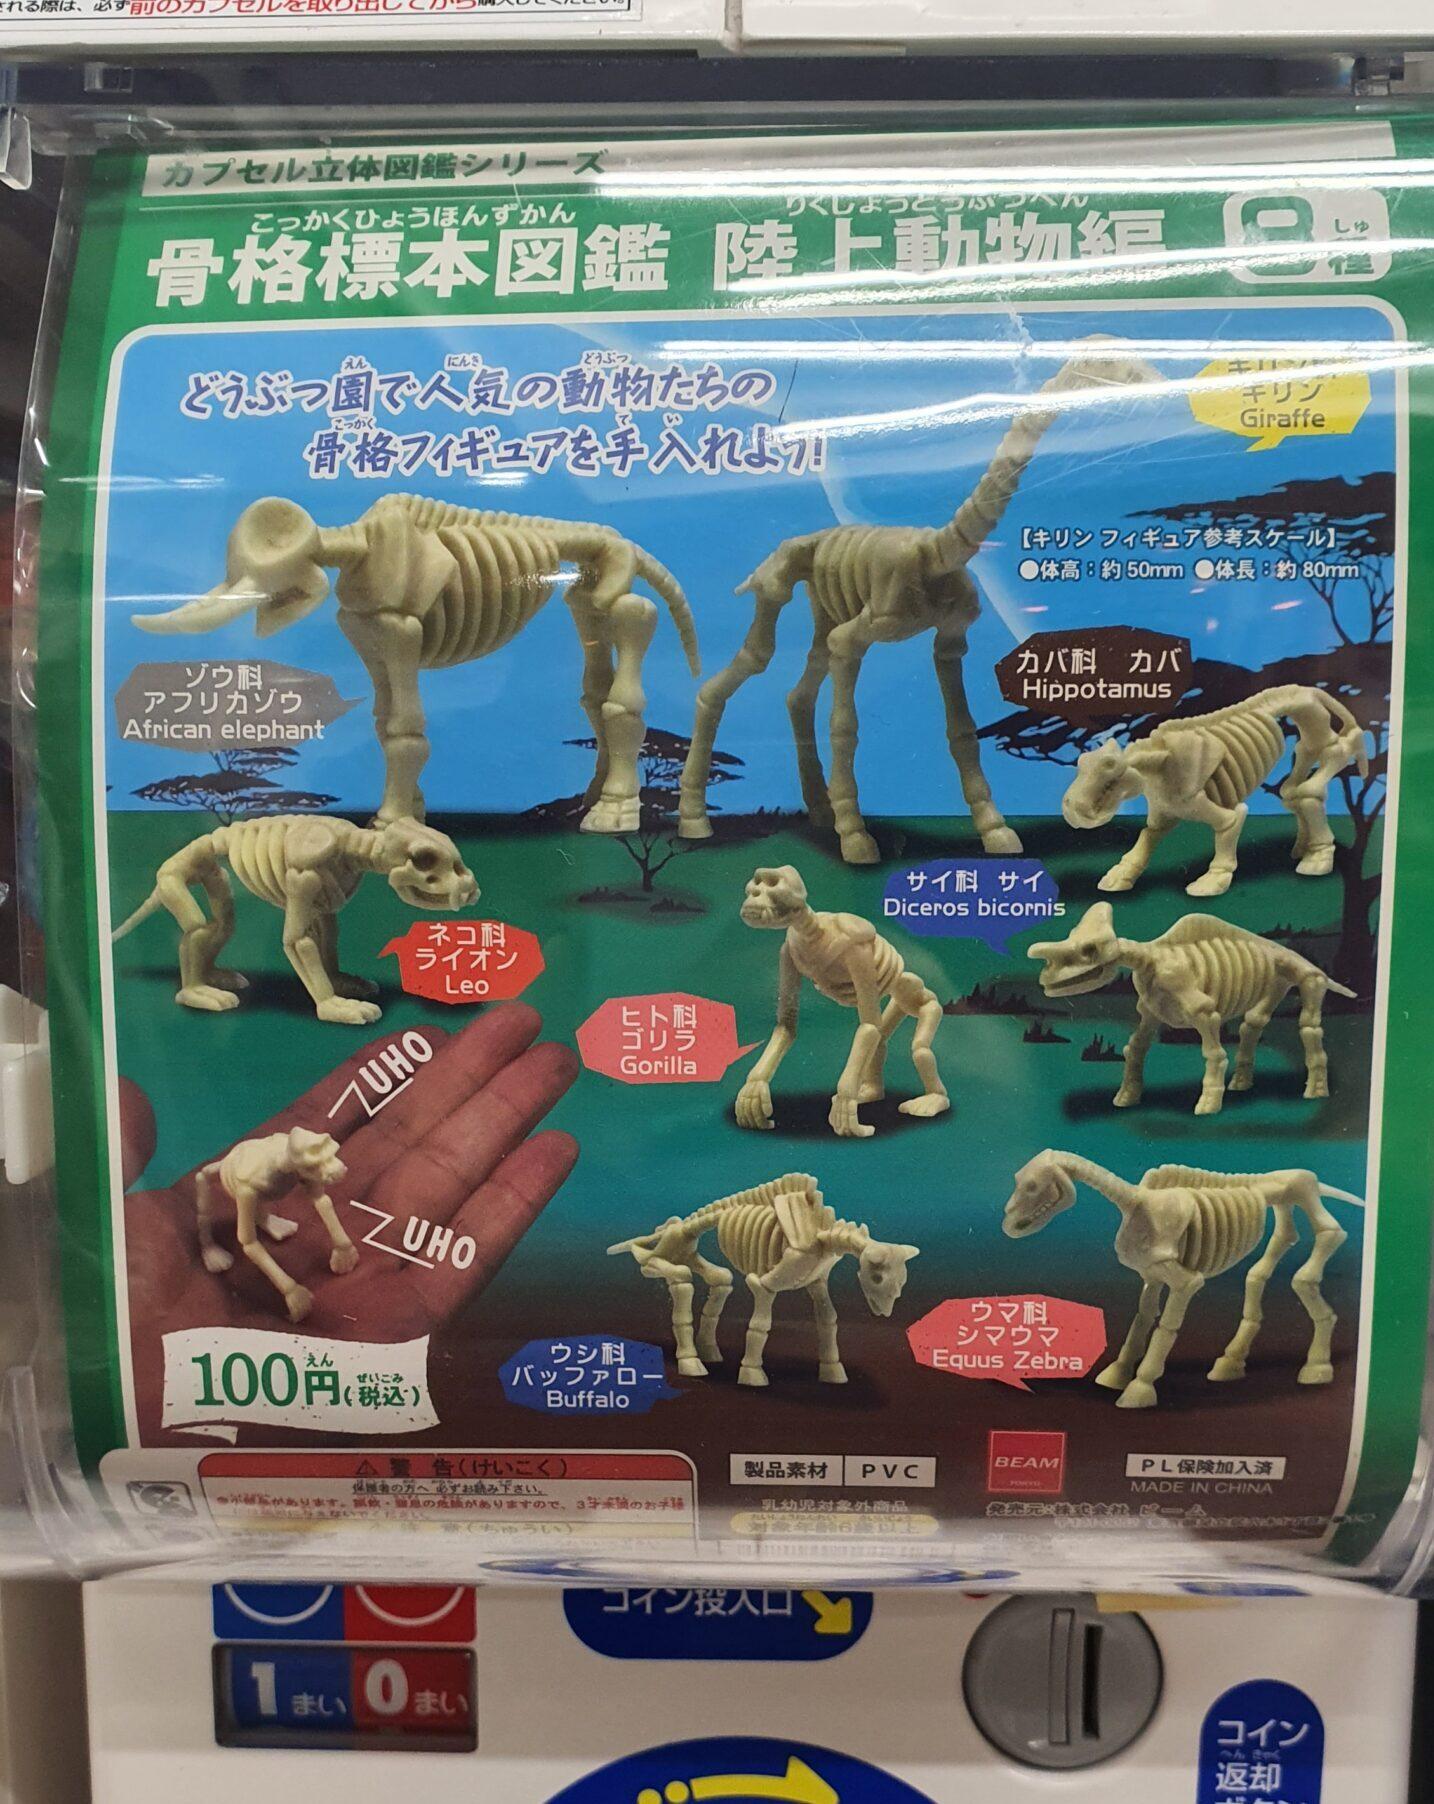 科学がちゃ「骨格標本図鑑陸上動物編」と「フラワーファイバーライト」